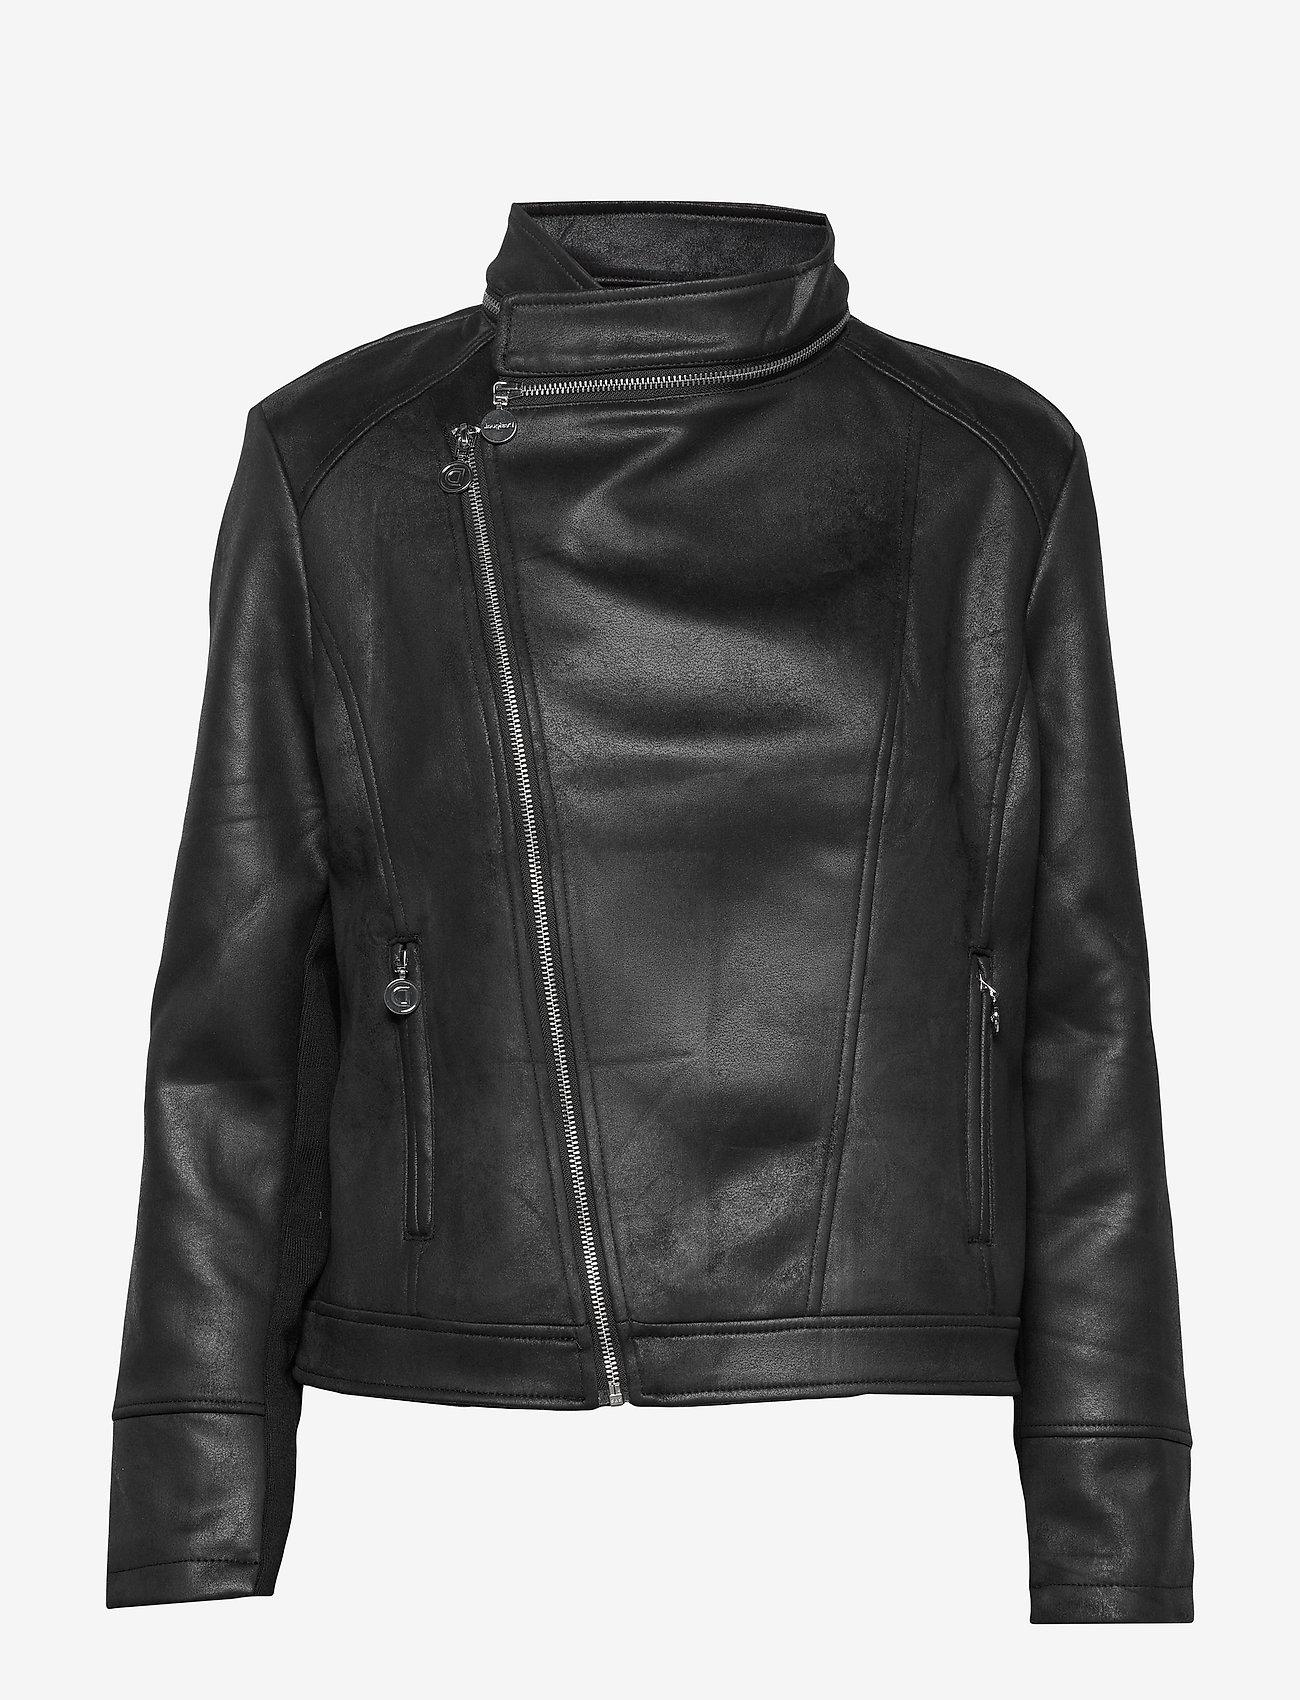 Desigual - CHAQ BROWARD - læderjakker - negro - 1